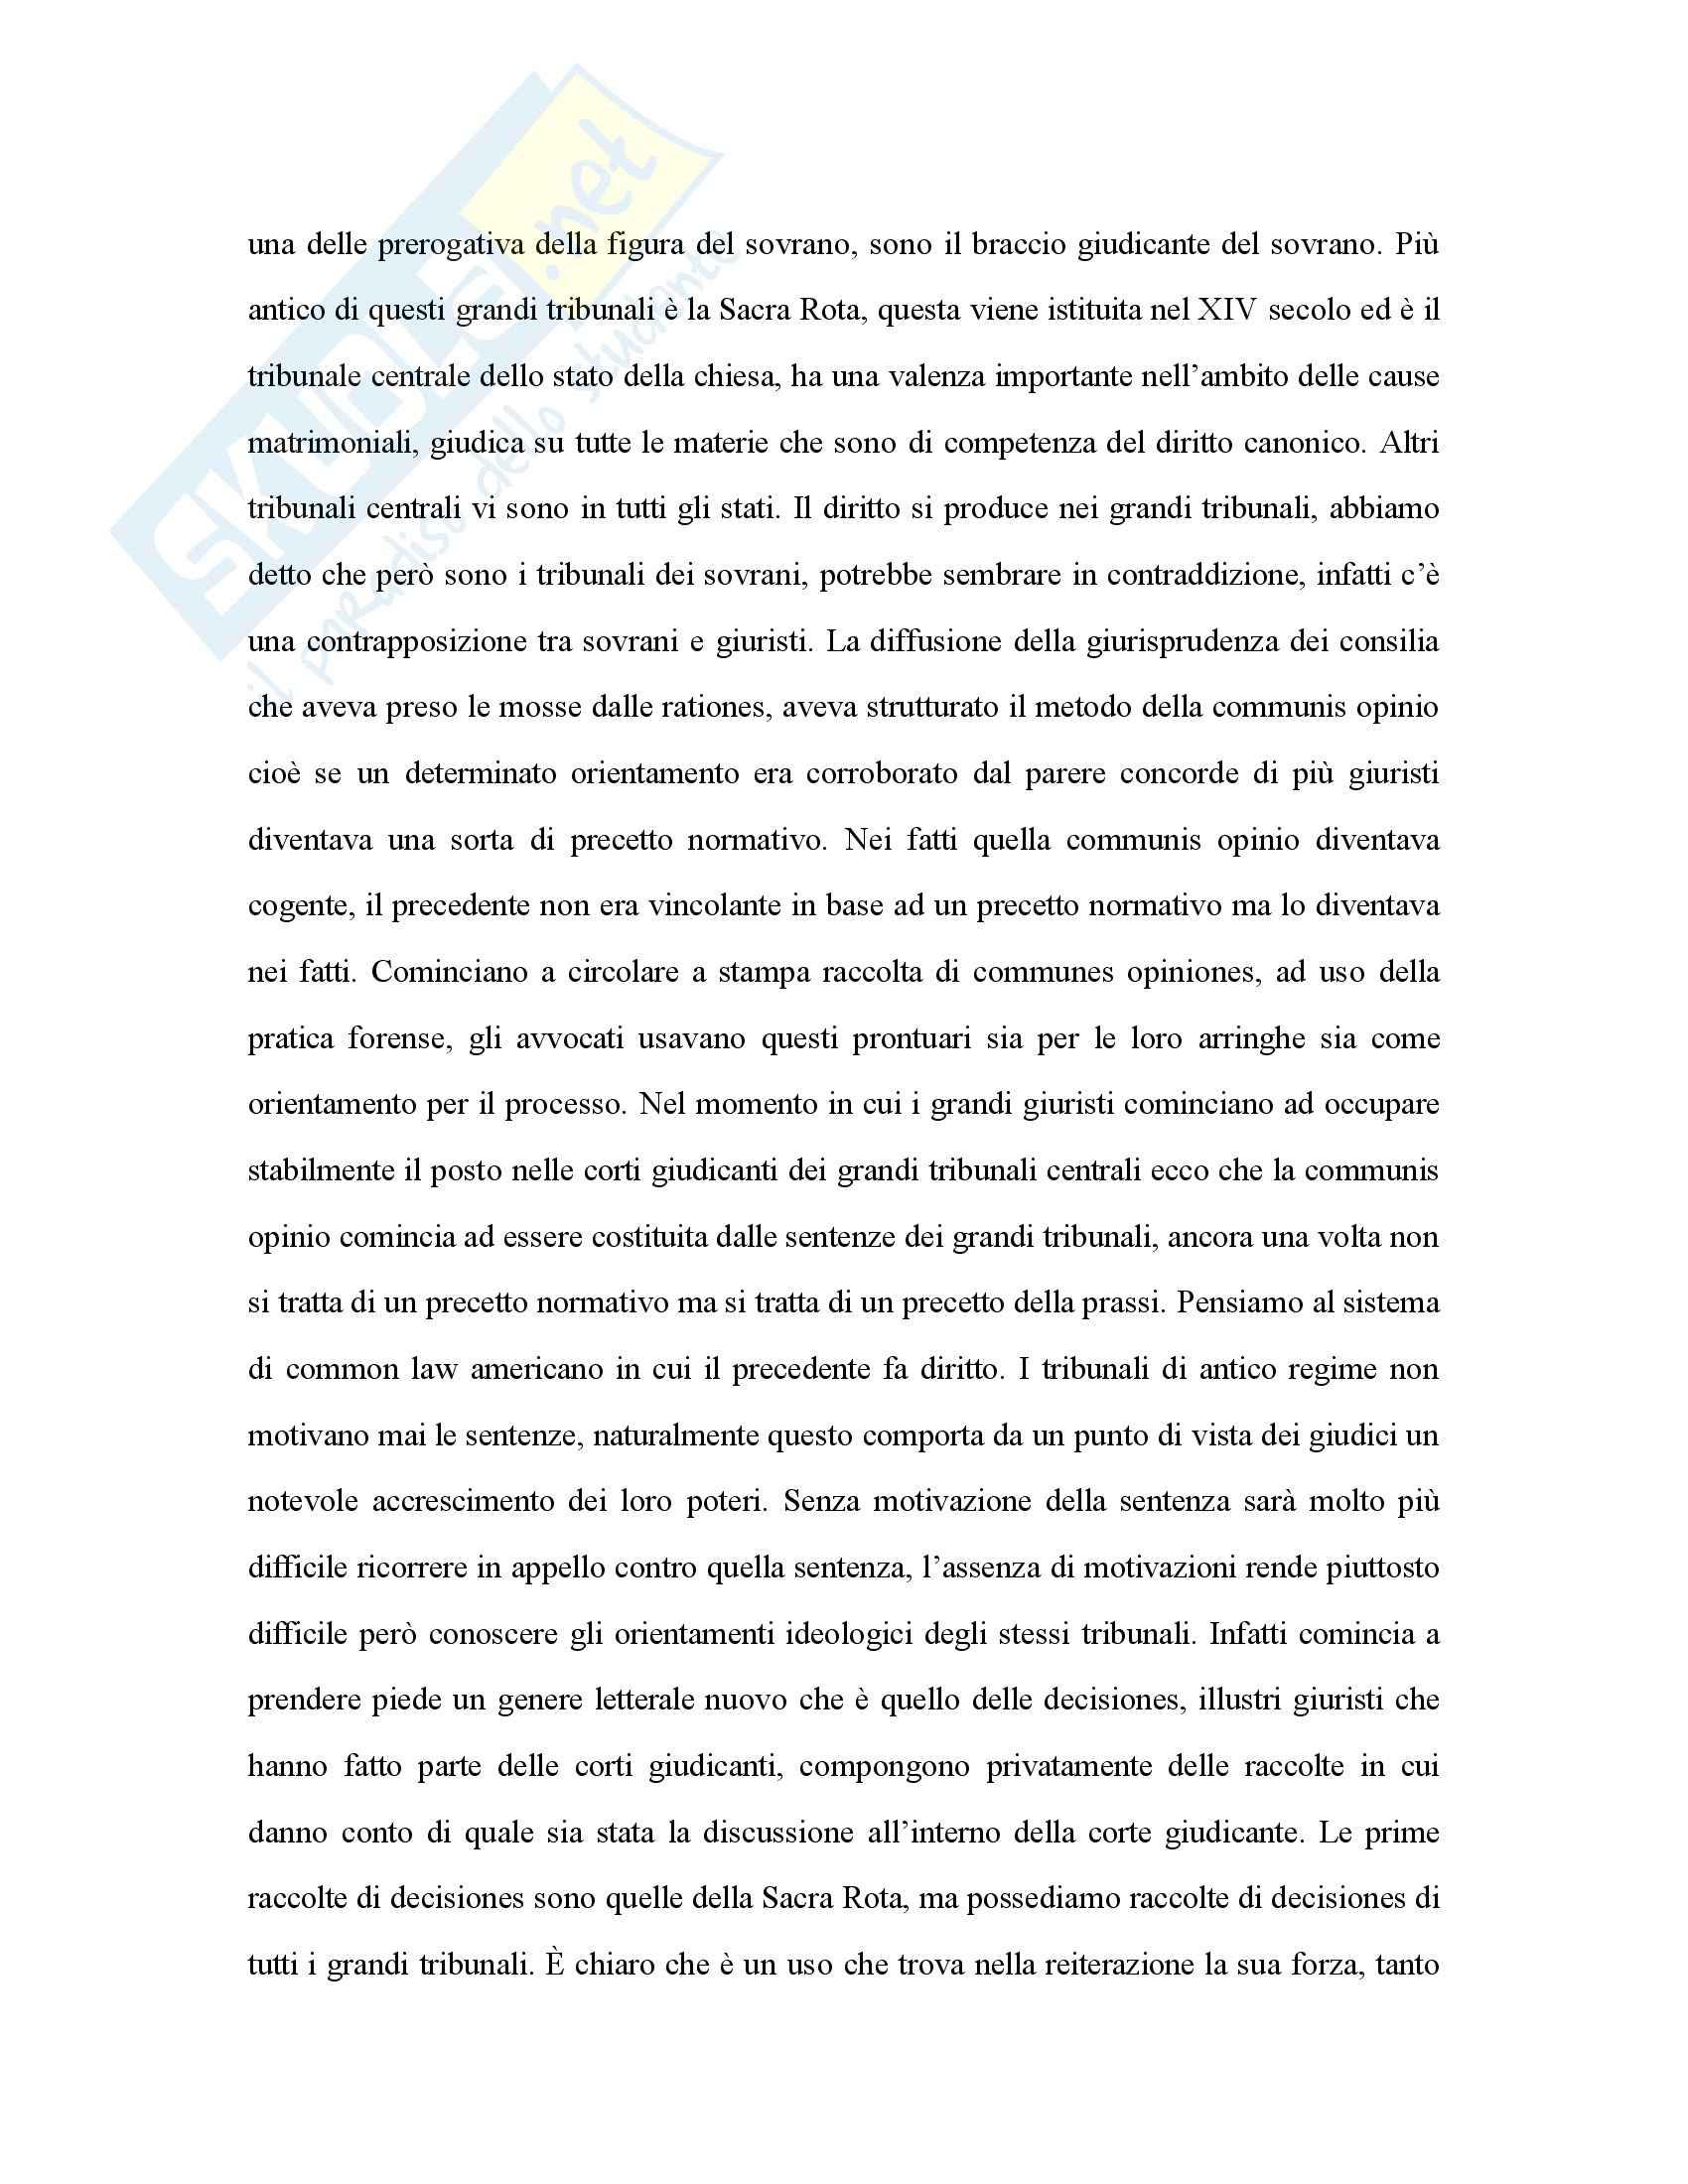 Storia del diritto medievale e moderno Pag. 56